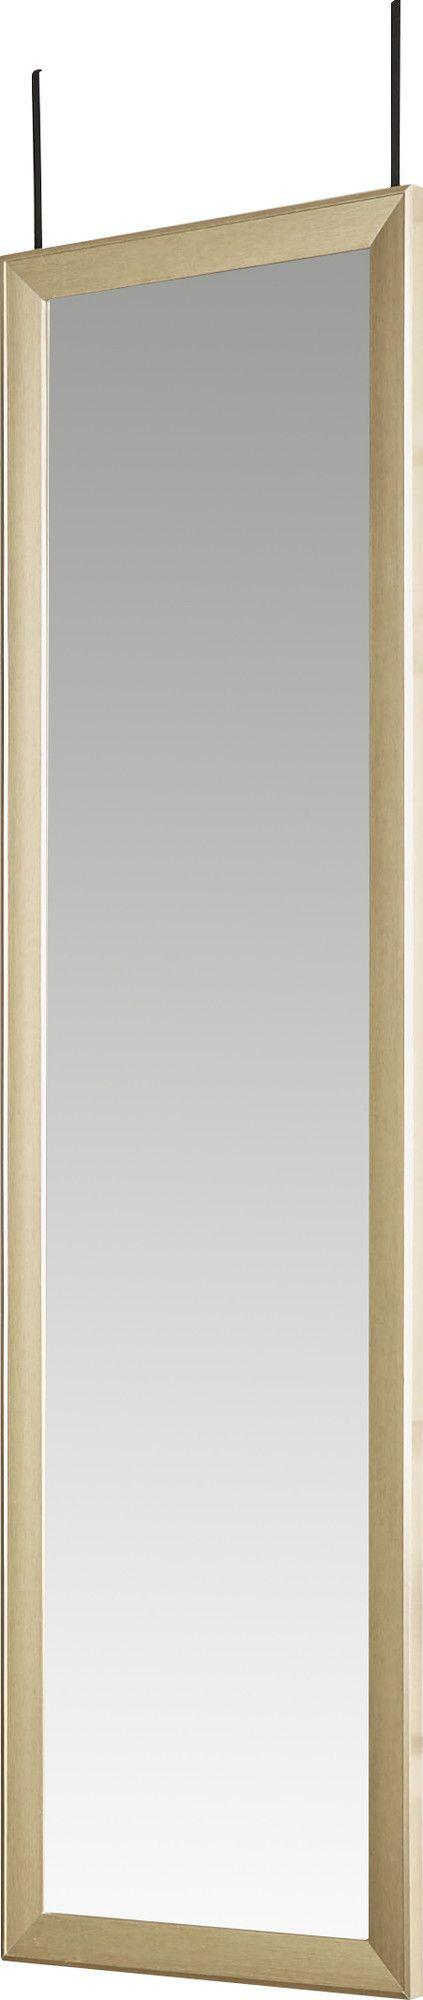 Wayfair Basics Over the Door Mirror